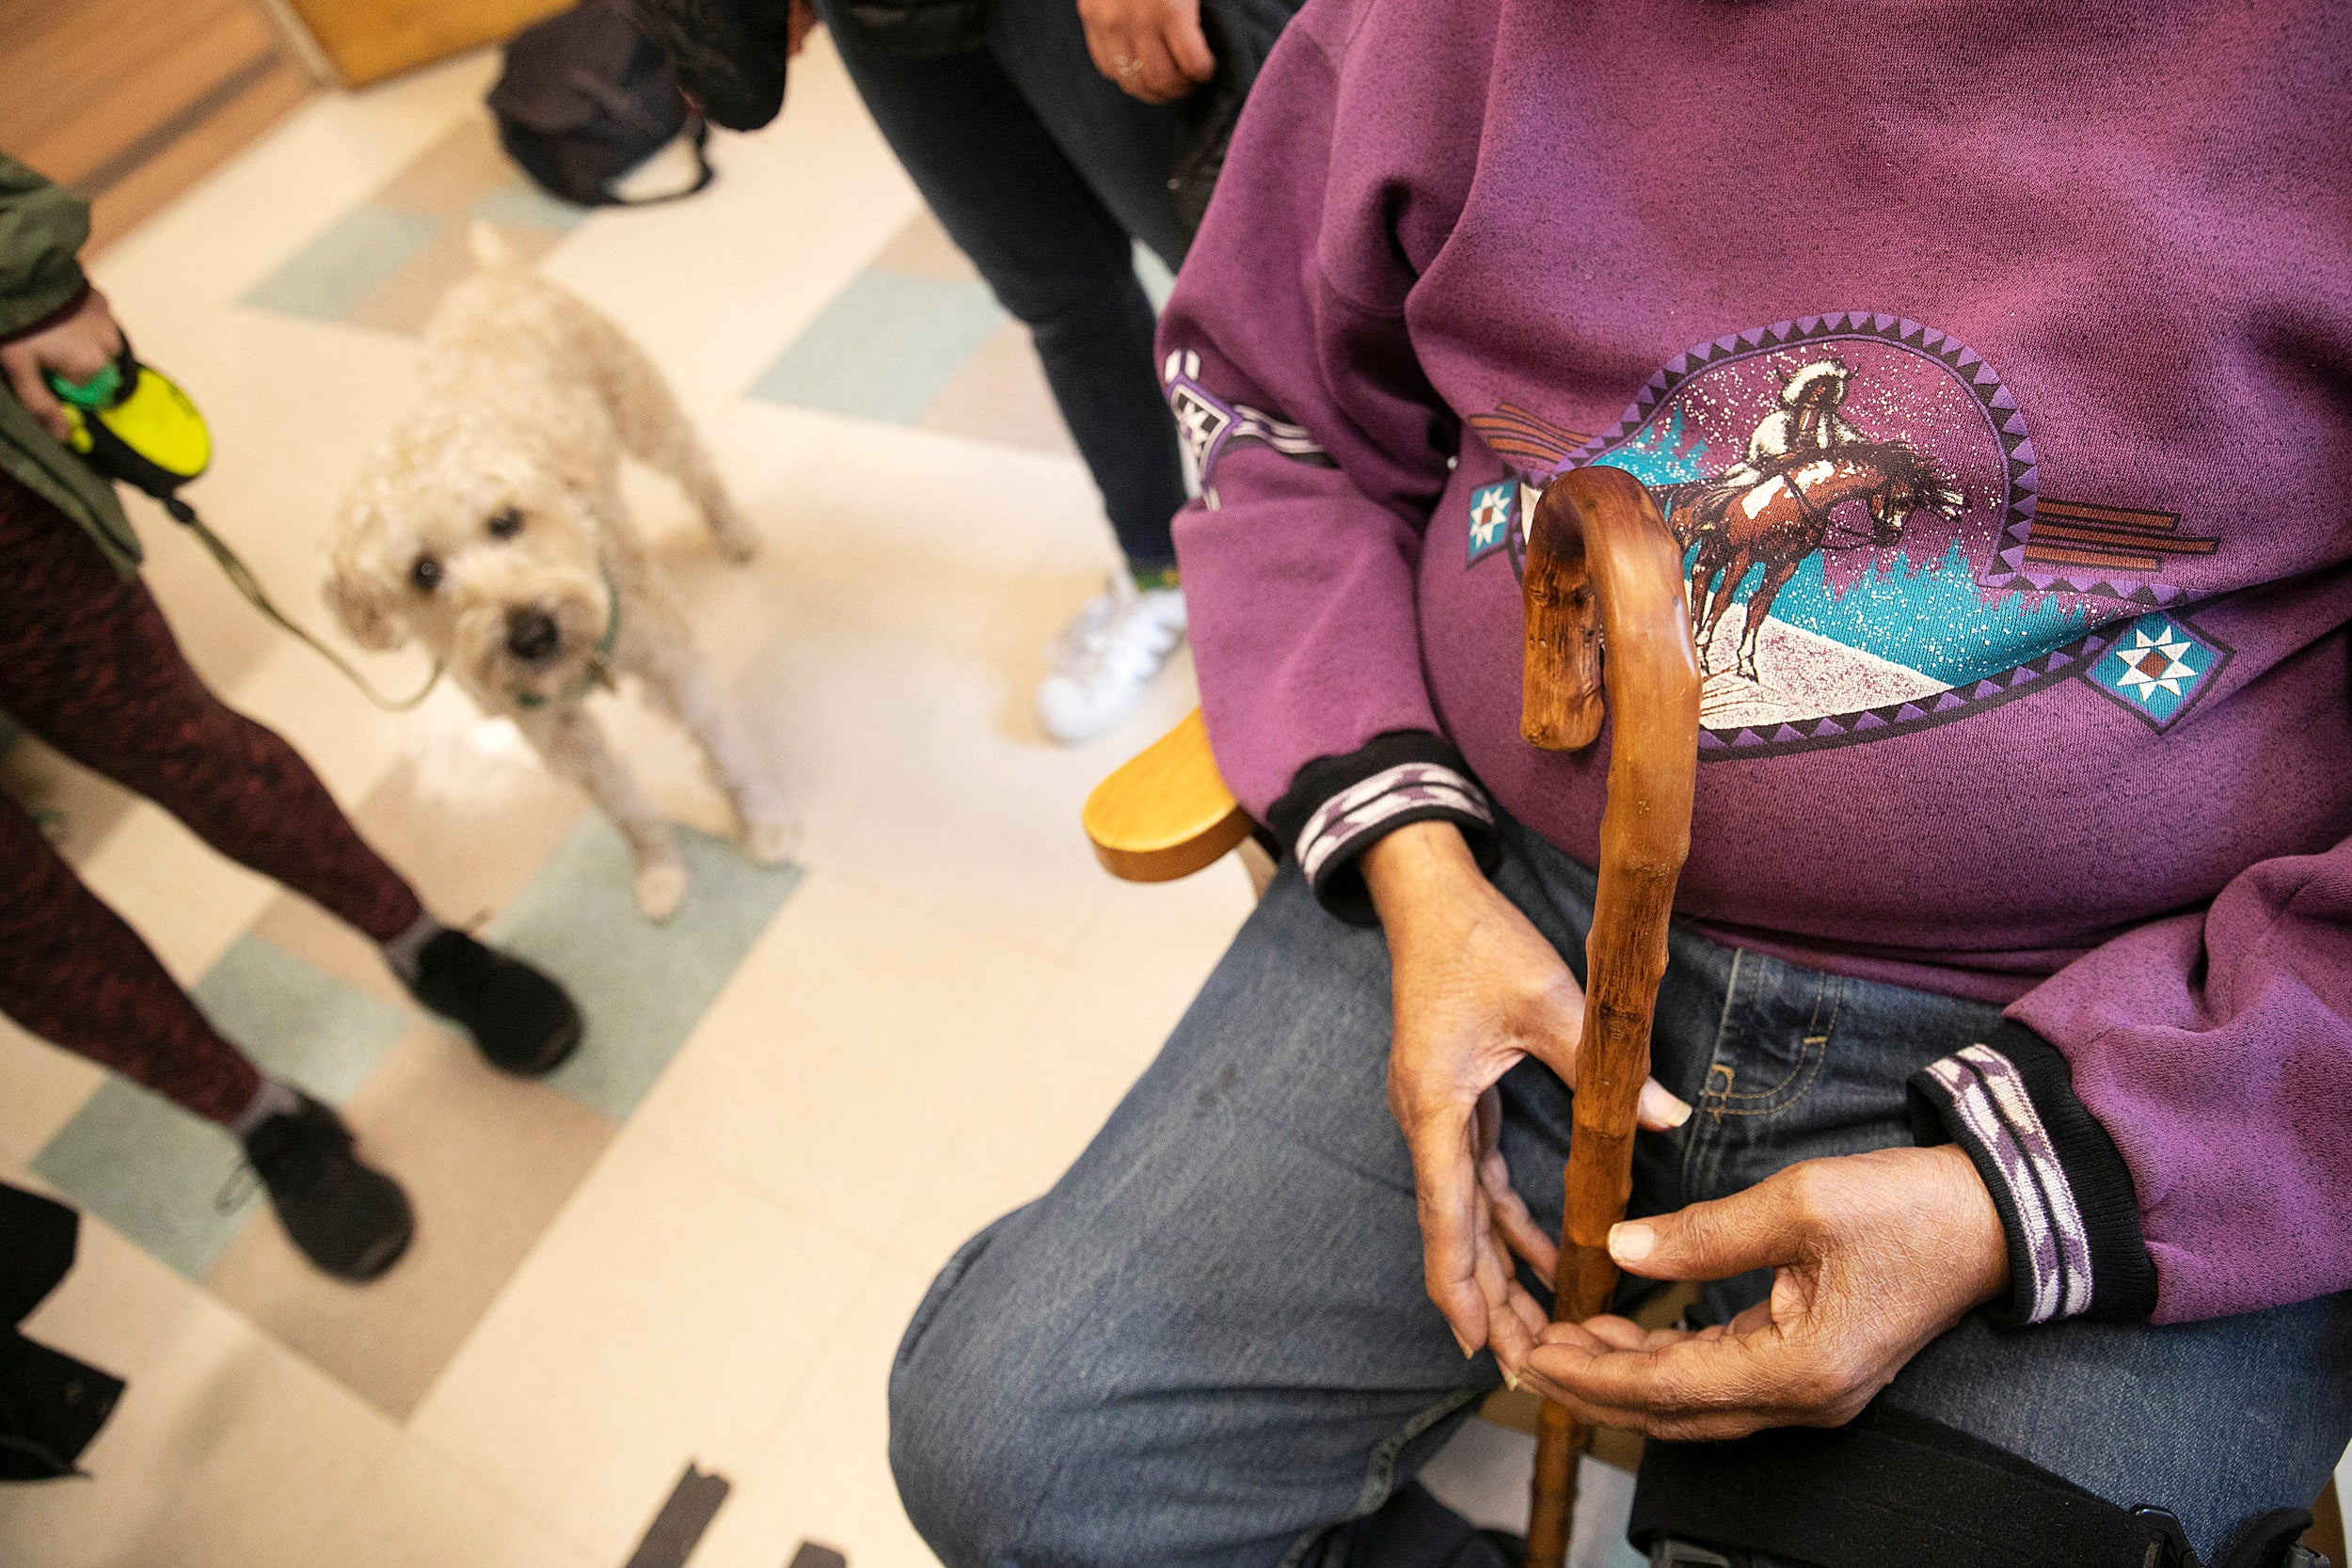 Elderly man in wheelchair, small dog in background.